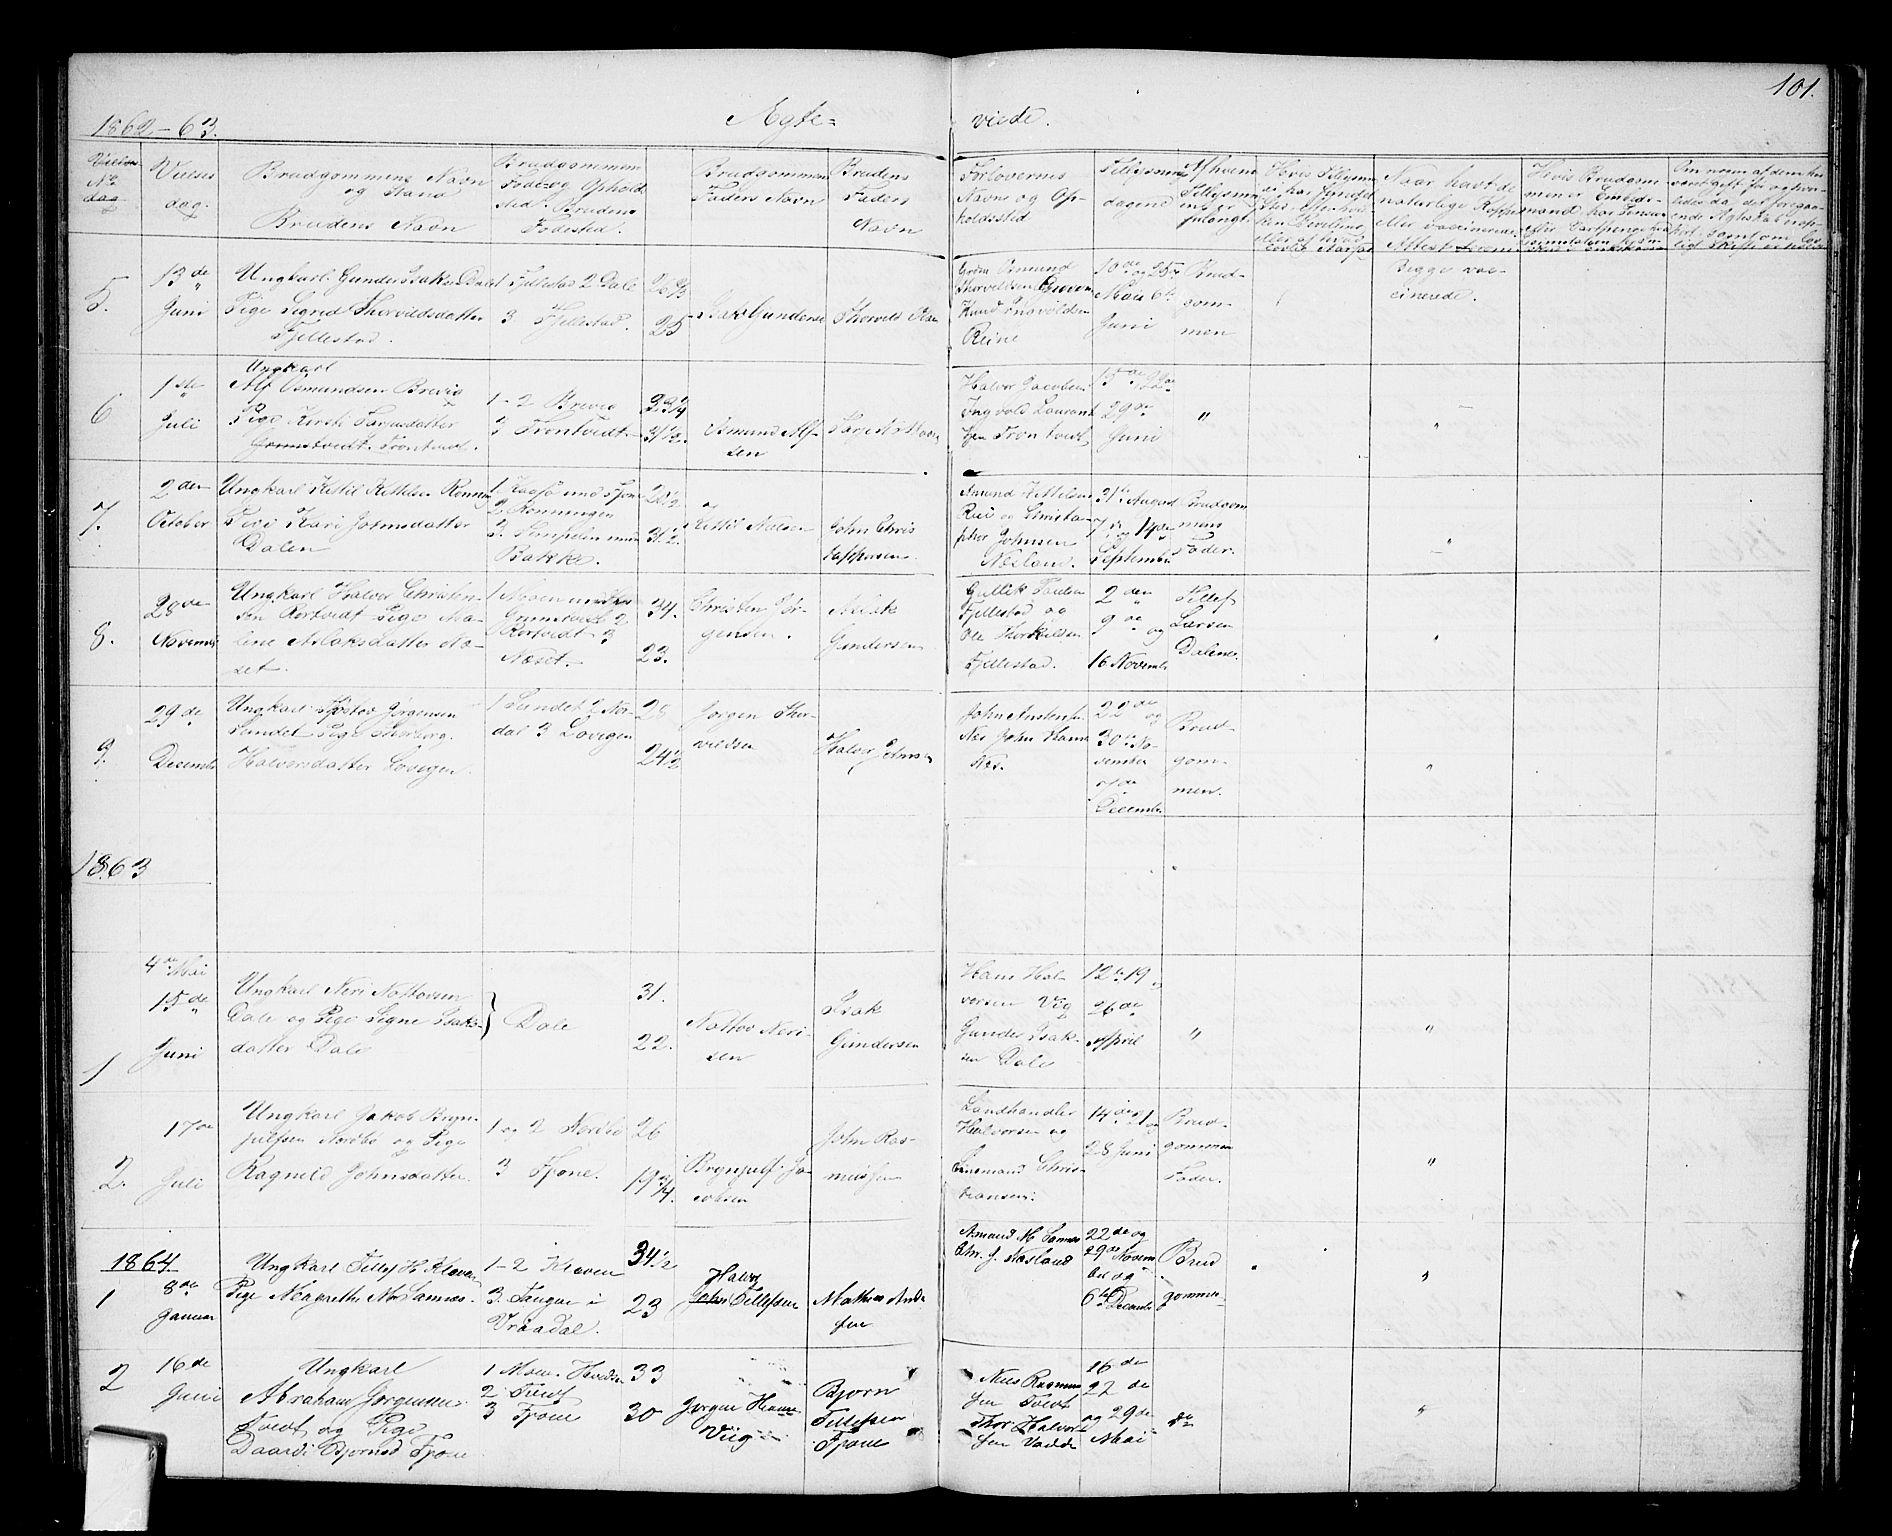 SAKO, Nissedal kirkebøker, G/Ga/L0002: Klokkerbok nr. I 2, 1861-1887, s. 101